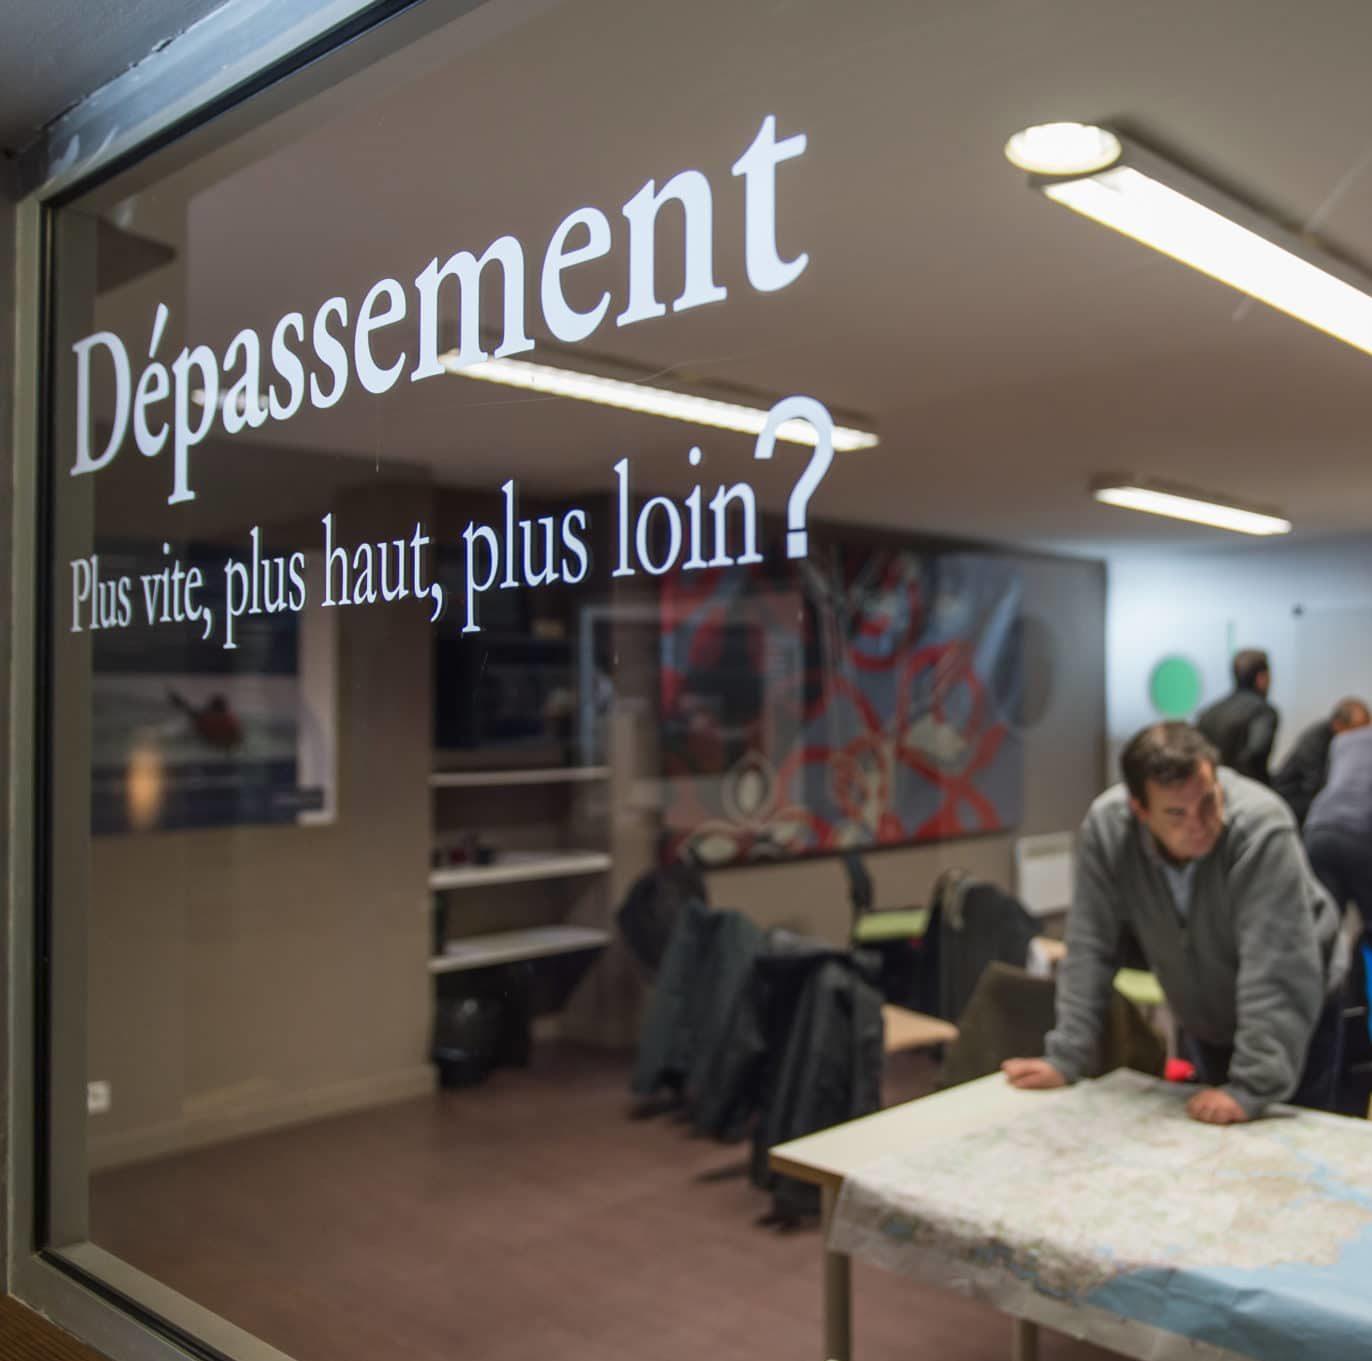 Centre opérationnel forces spéciales formation professionnelle management leader team building Pegasus Lorient